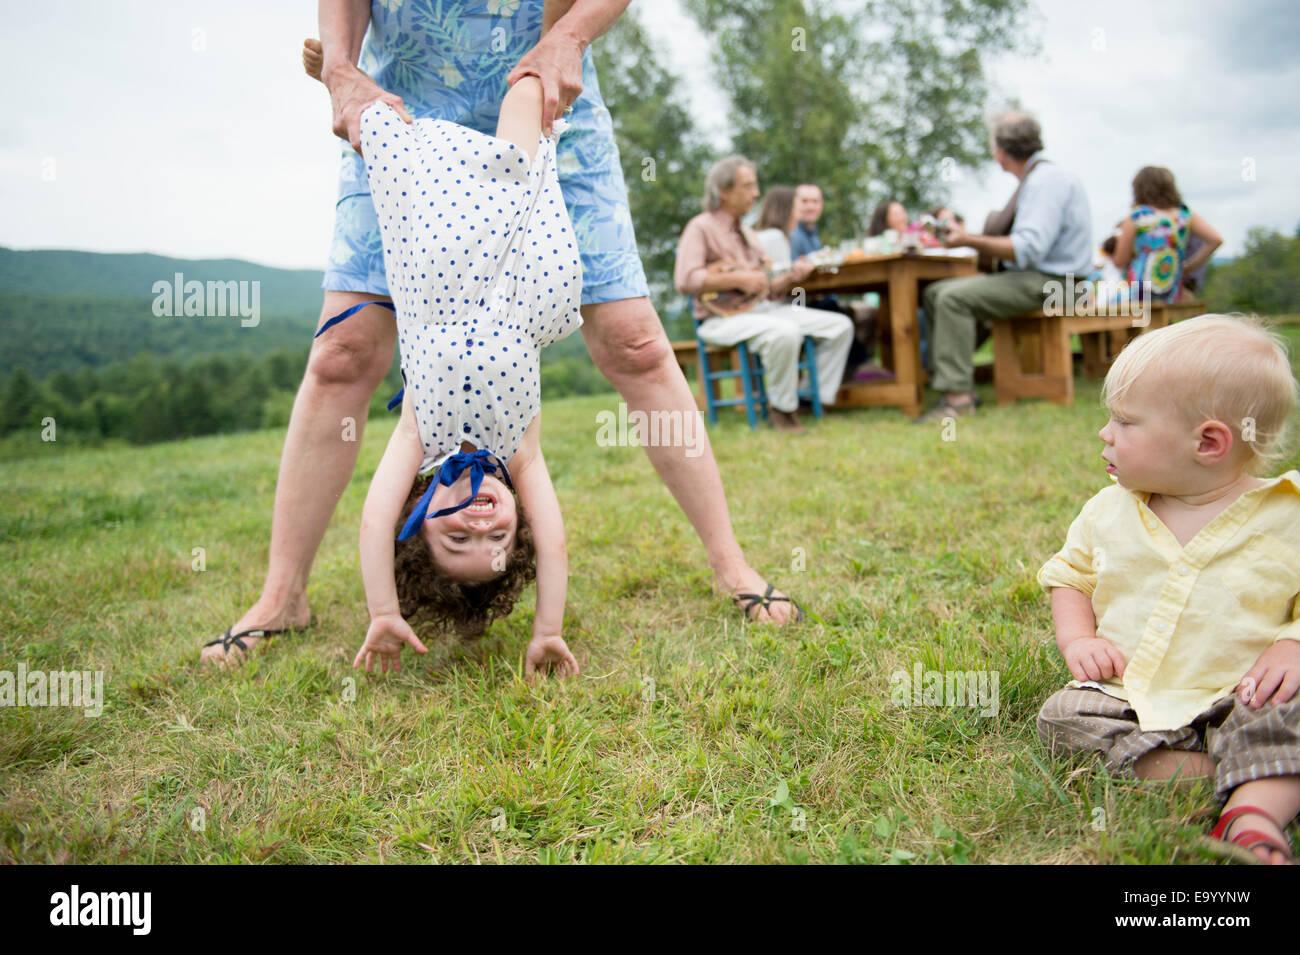 Femmina membro della famiglia scherzosamente holding toddler da gambe alla riunione di famiglia, all'aperto Foto Stock